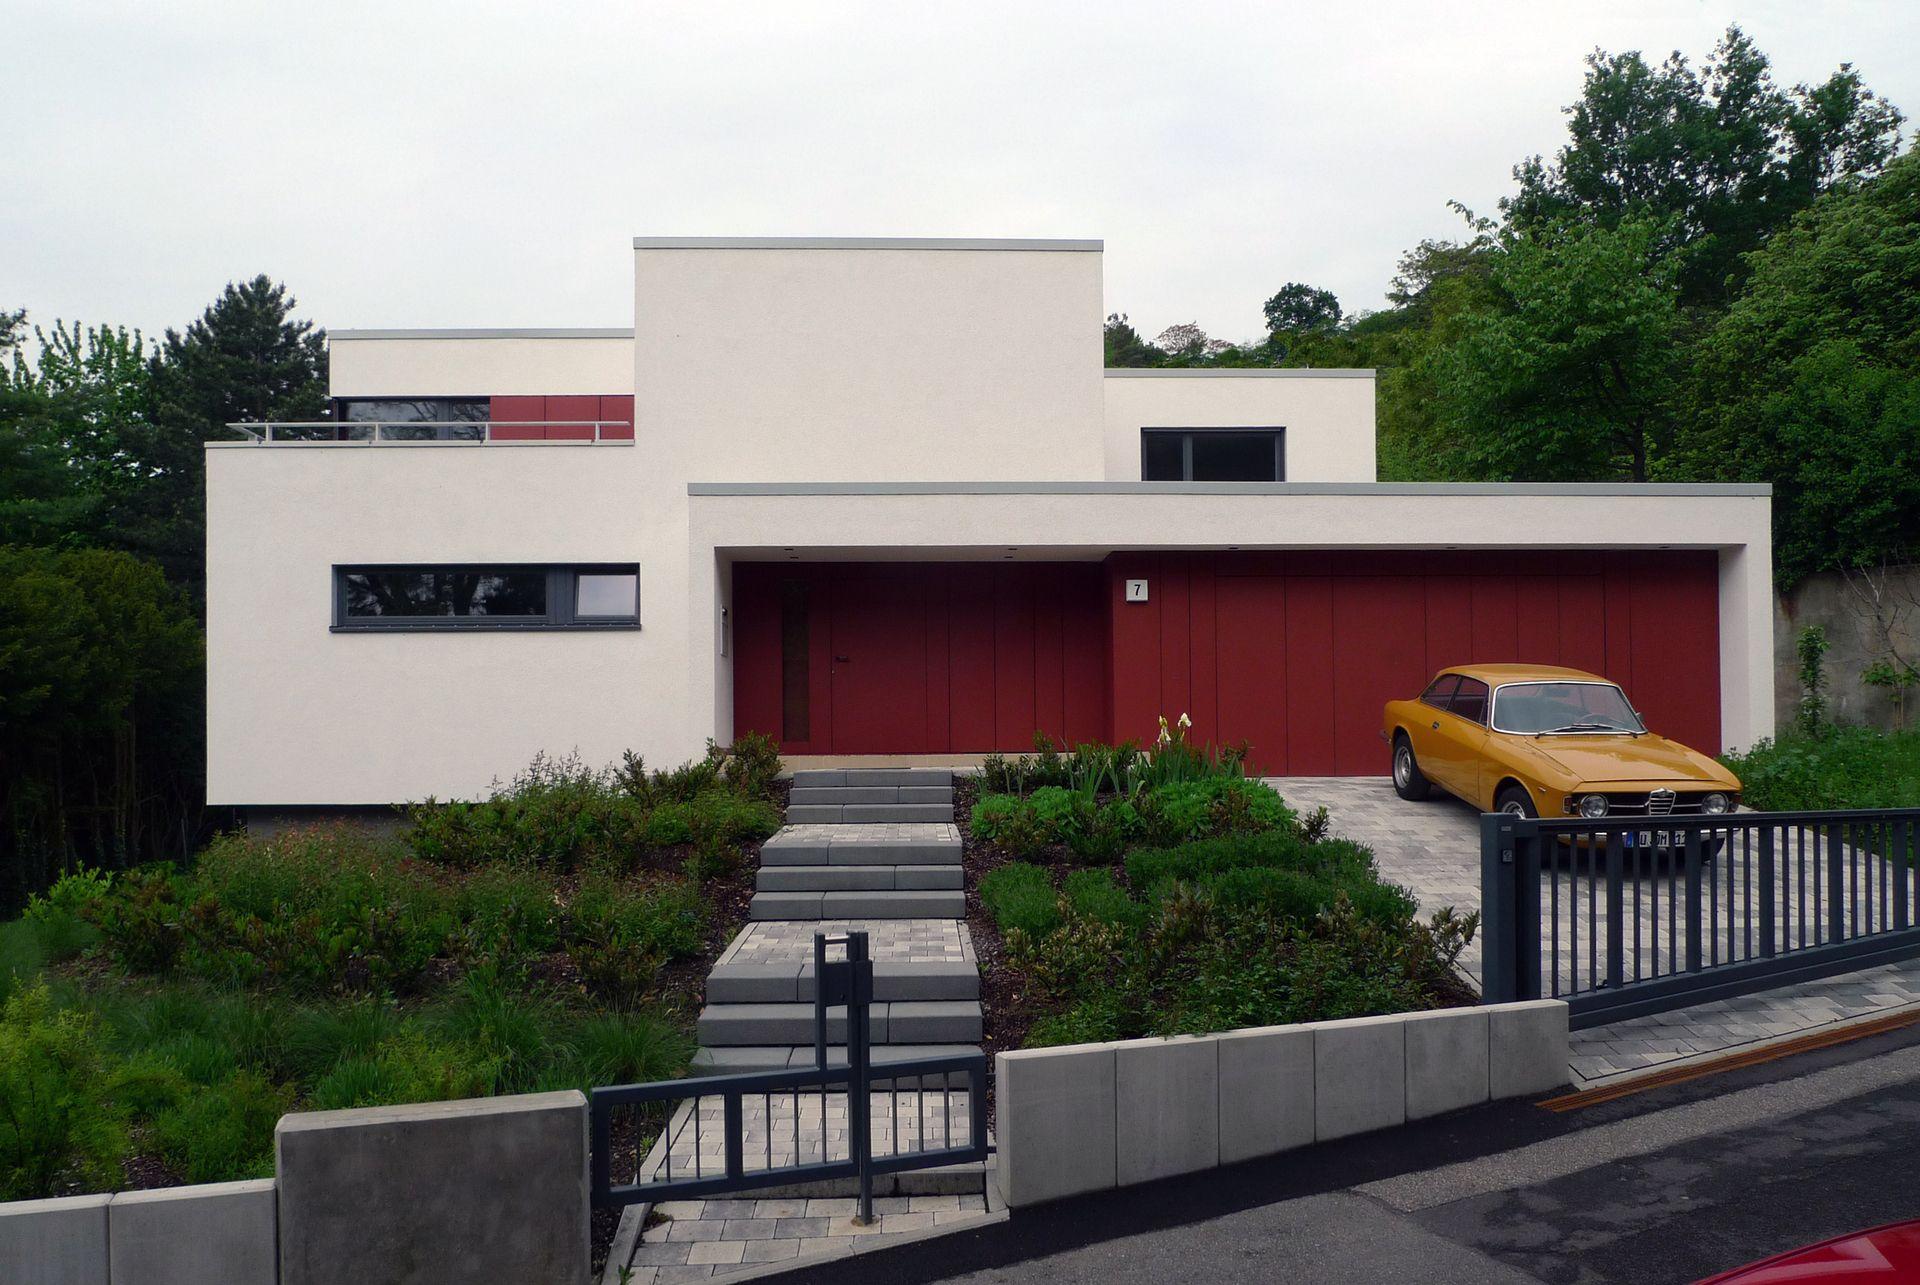 Brilliant Moderne Hauseingänge Ideen Von Farbakzent Durch Garage Und Eingang